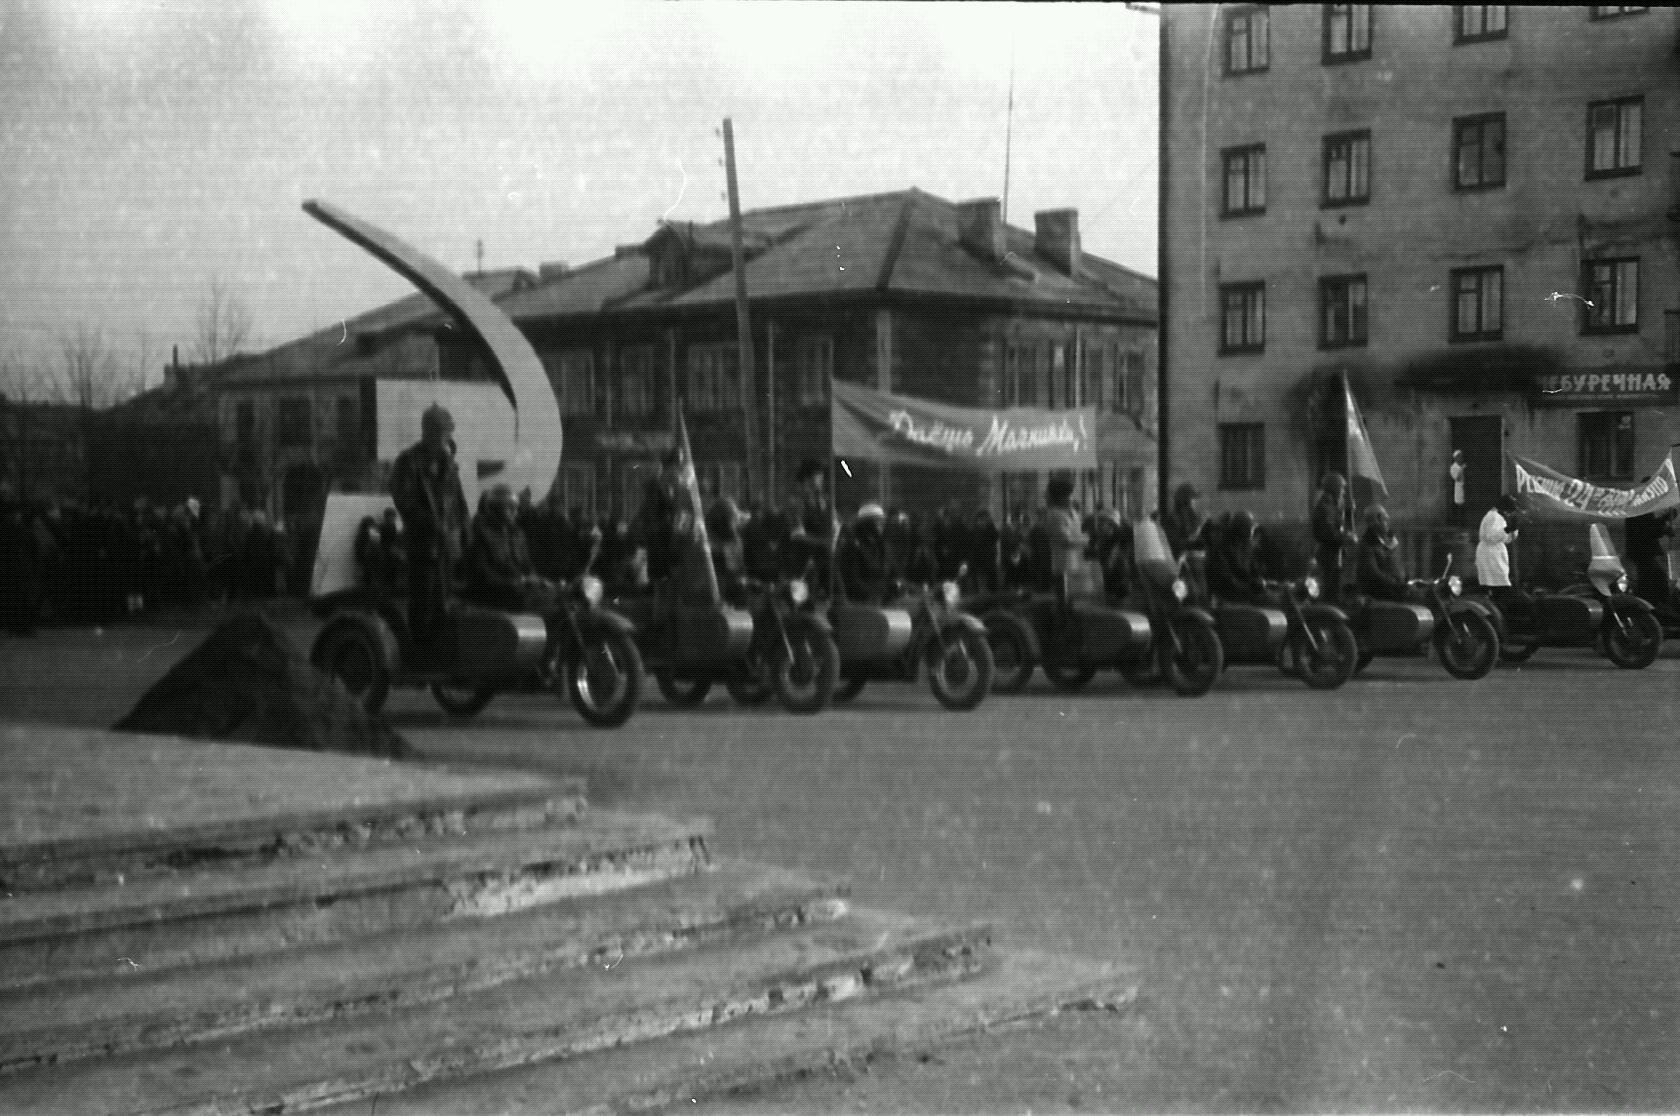 Праздничное шествие 'С днем великого октября' на улице Хабаровской. На заднем фоне жилой дом с 'Чебуречной'